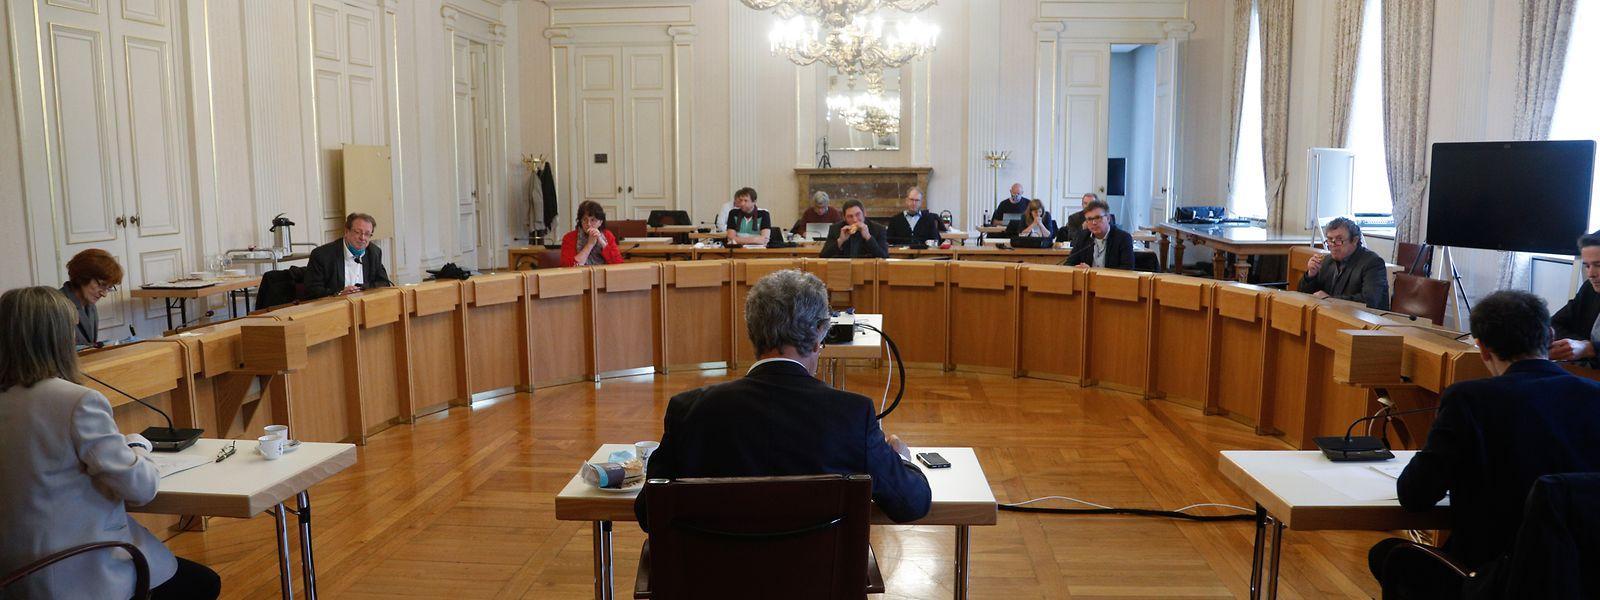 Der Rat des Syvicol tauschte sich am Montag im Gemeindehaus in der Hauptstadt aus.